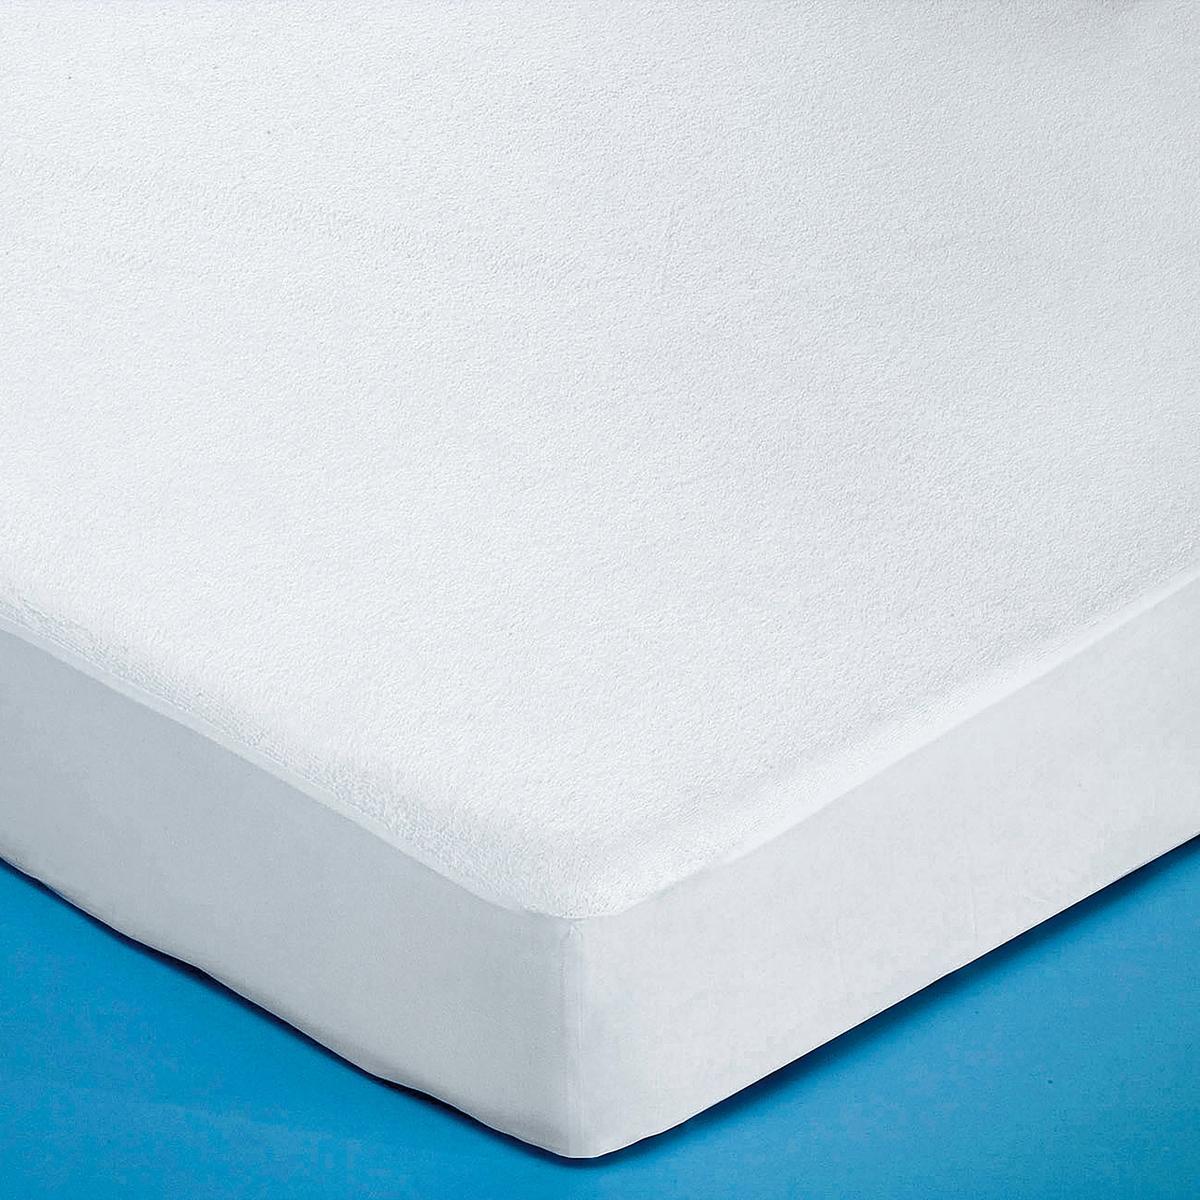 Чехол La Redoute Защитный для матраса из махровой ткани с завитым ворсом на полиуретане 90 x 190 см белый чехол la redoute защитный для матраса гм из махровой ткани с непромокаемым покрытием из пвх 60 x 120 см белый